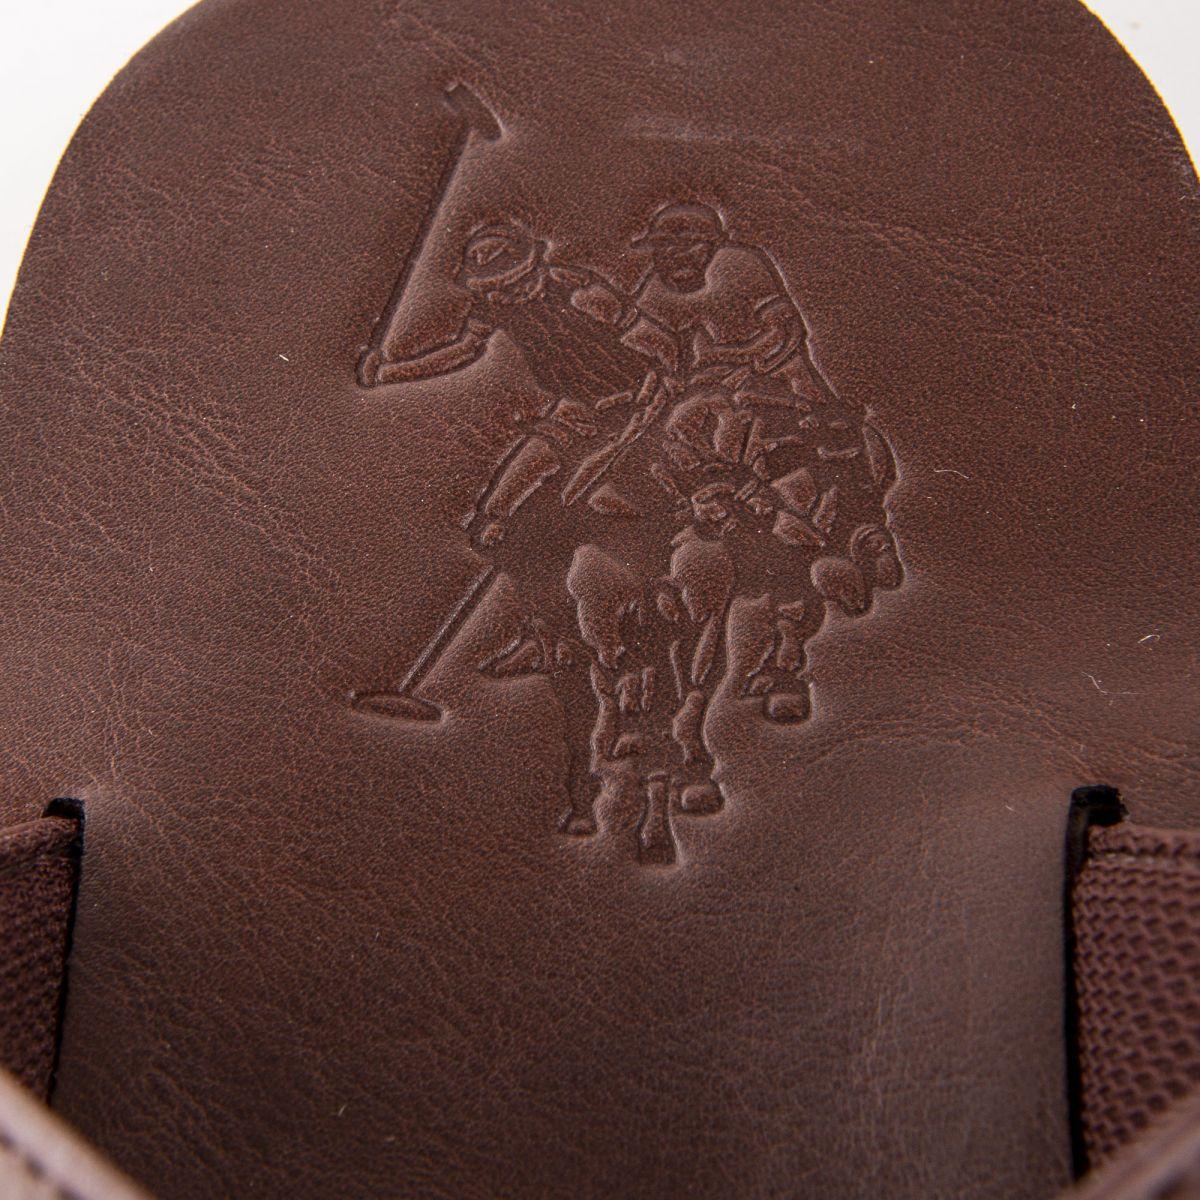 ... Mules simili cuir double bride homme US POLO marque pas cher prix  dégriffés destockage ... 4eac7844e682